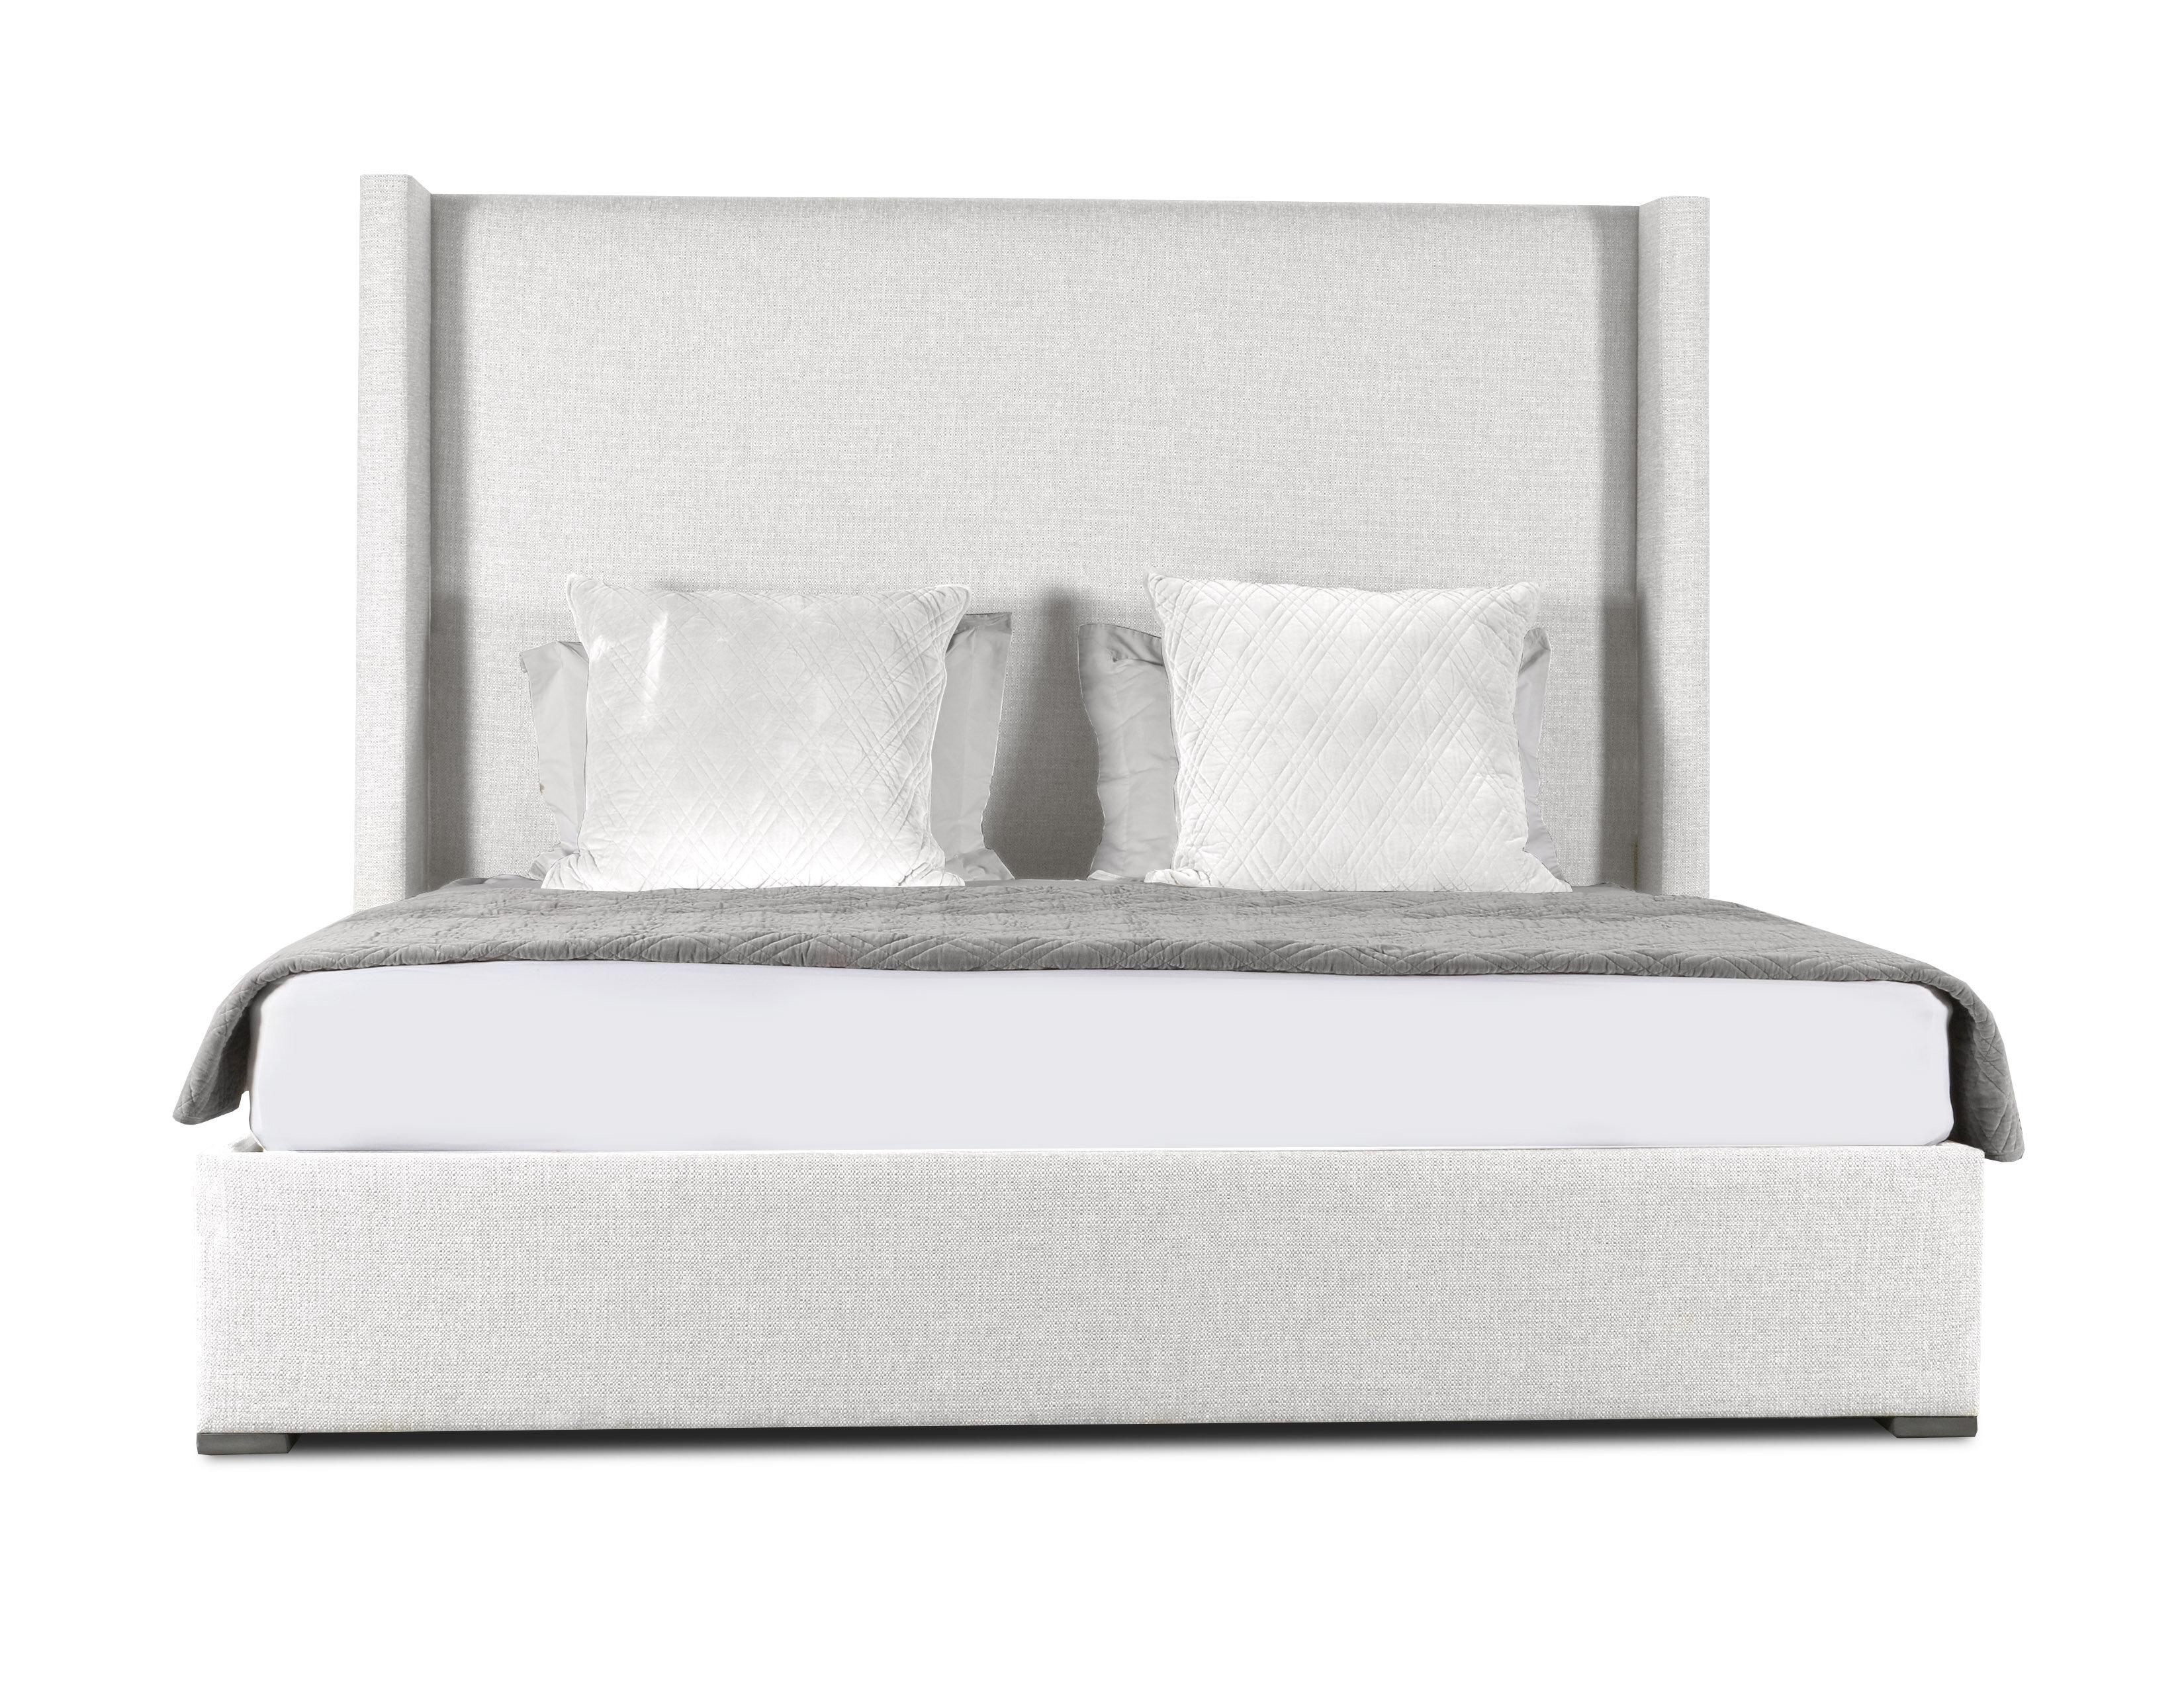 Brayden Studio Hansen Plain Upholstered Panel Bed & Reviews | Wayfair